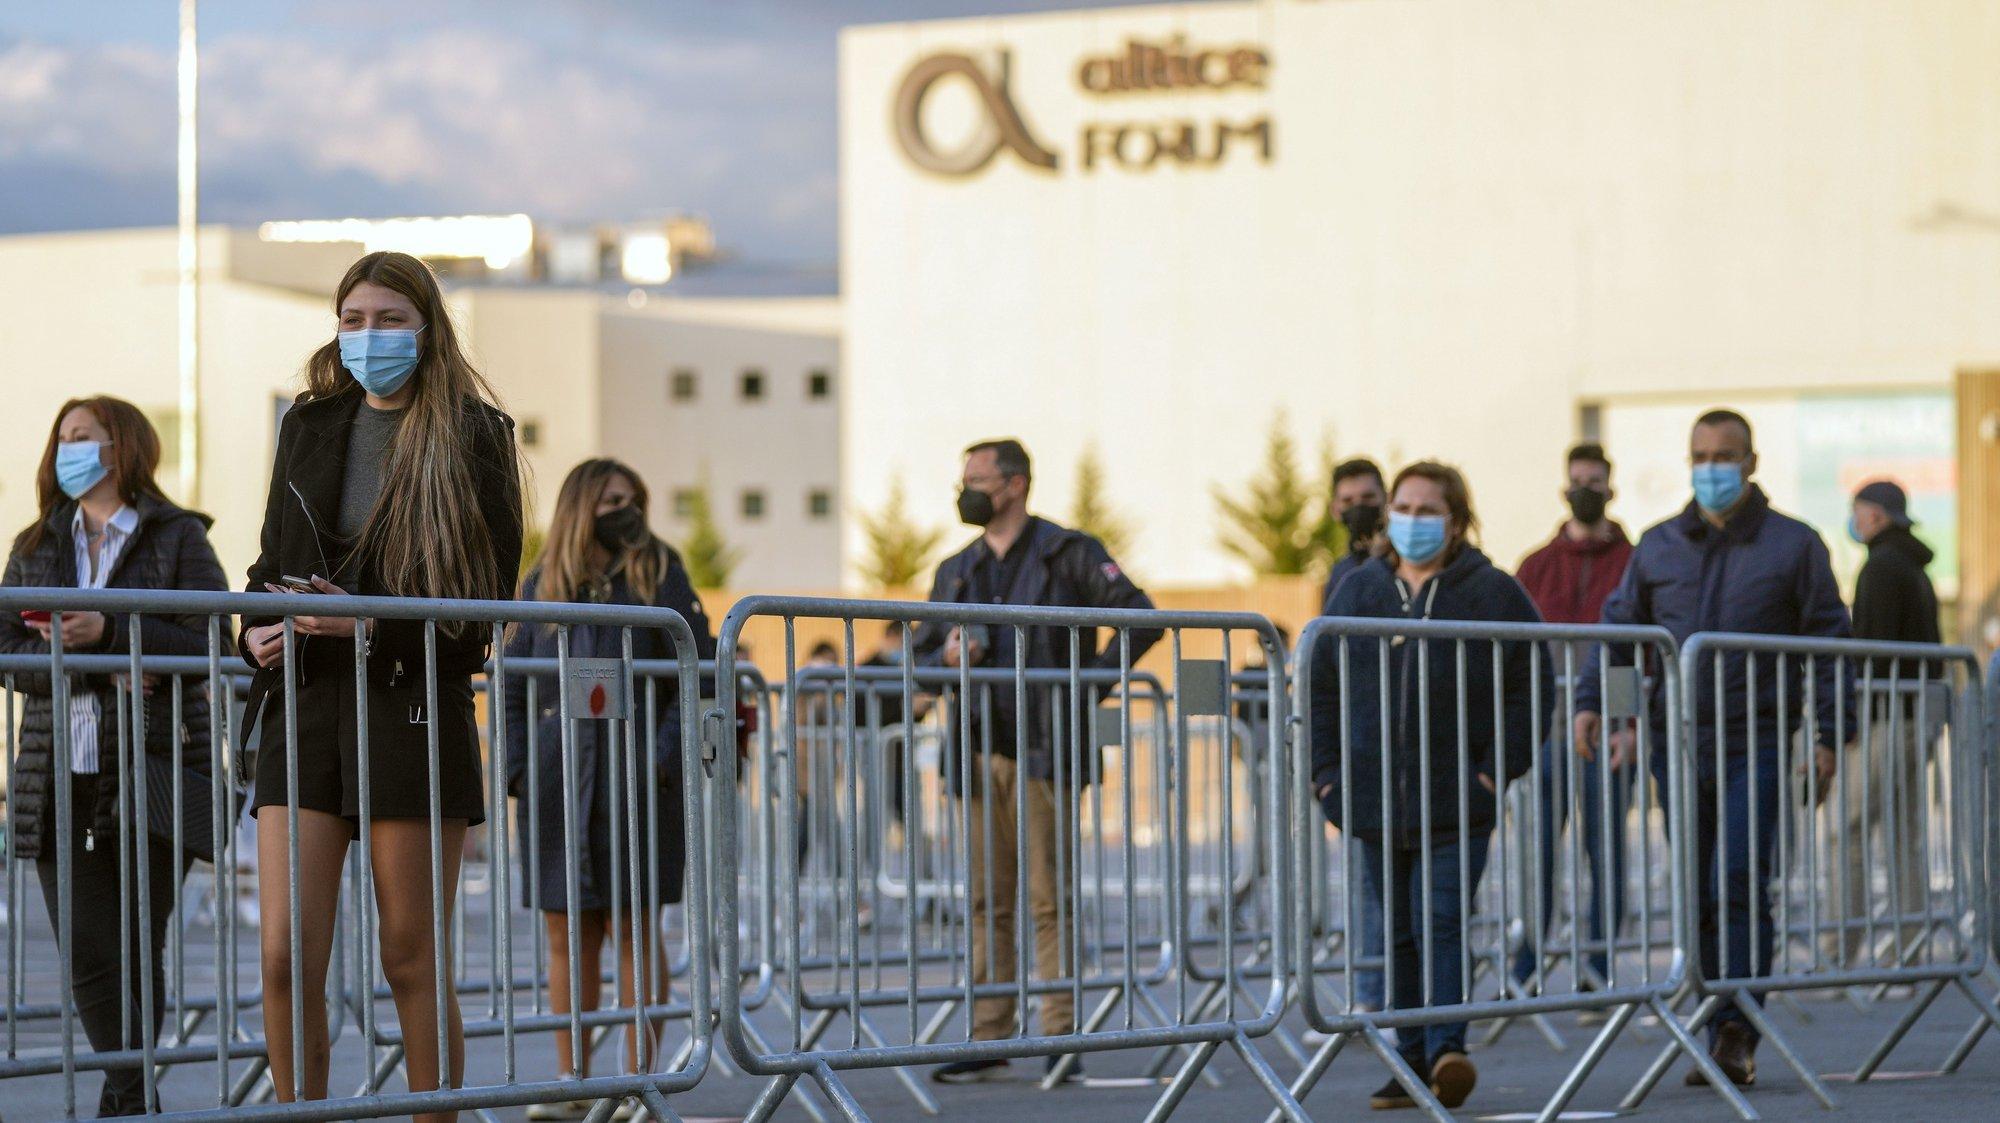 Pessoas aguardam a entrada para a realização de testes ao virus da covid-19 pouco antes do espetáculo do humorista Fernando Rocha, o 1.º evento-teste para realização de grandes espetáculos ao vivo, Braga, 29 de abril de 2021. HUGO DELGADO/LUSA